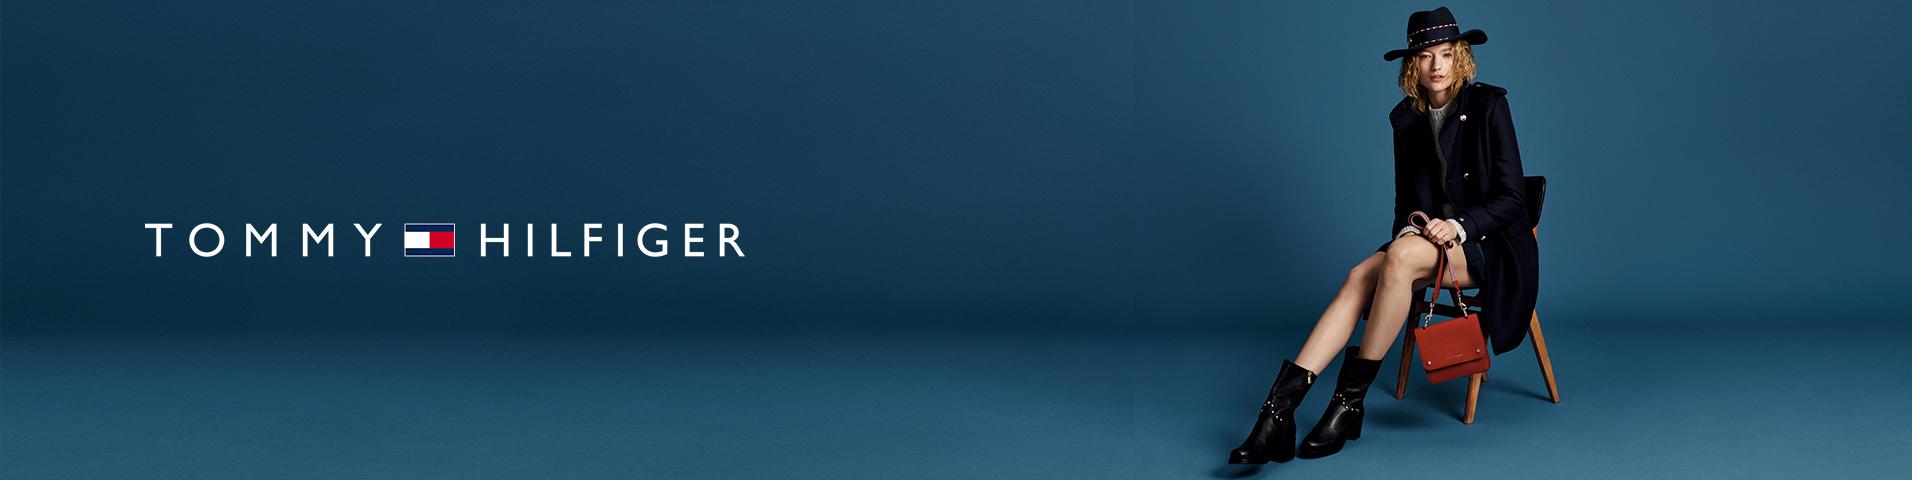 Tommy Hilfiger Online-Shop   Tommy Hilfiger versandkostenfrei bei ... 5139113eb2